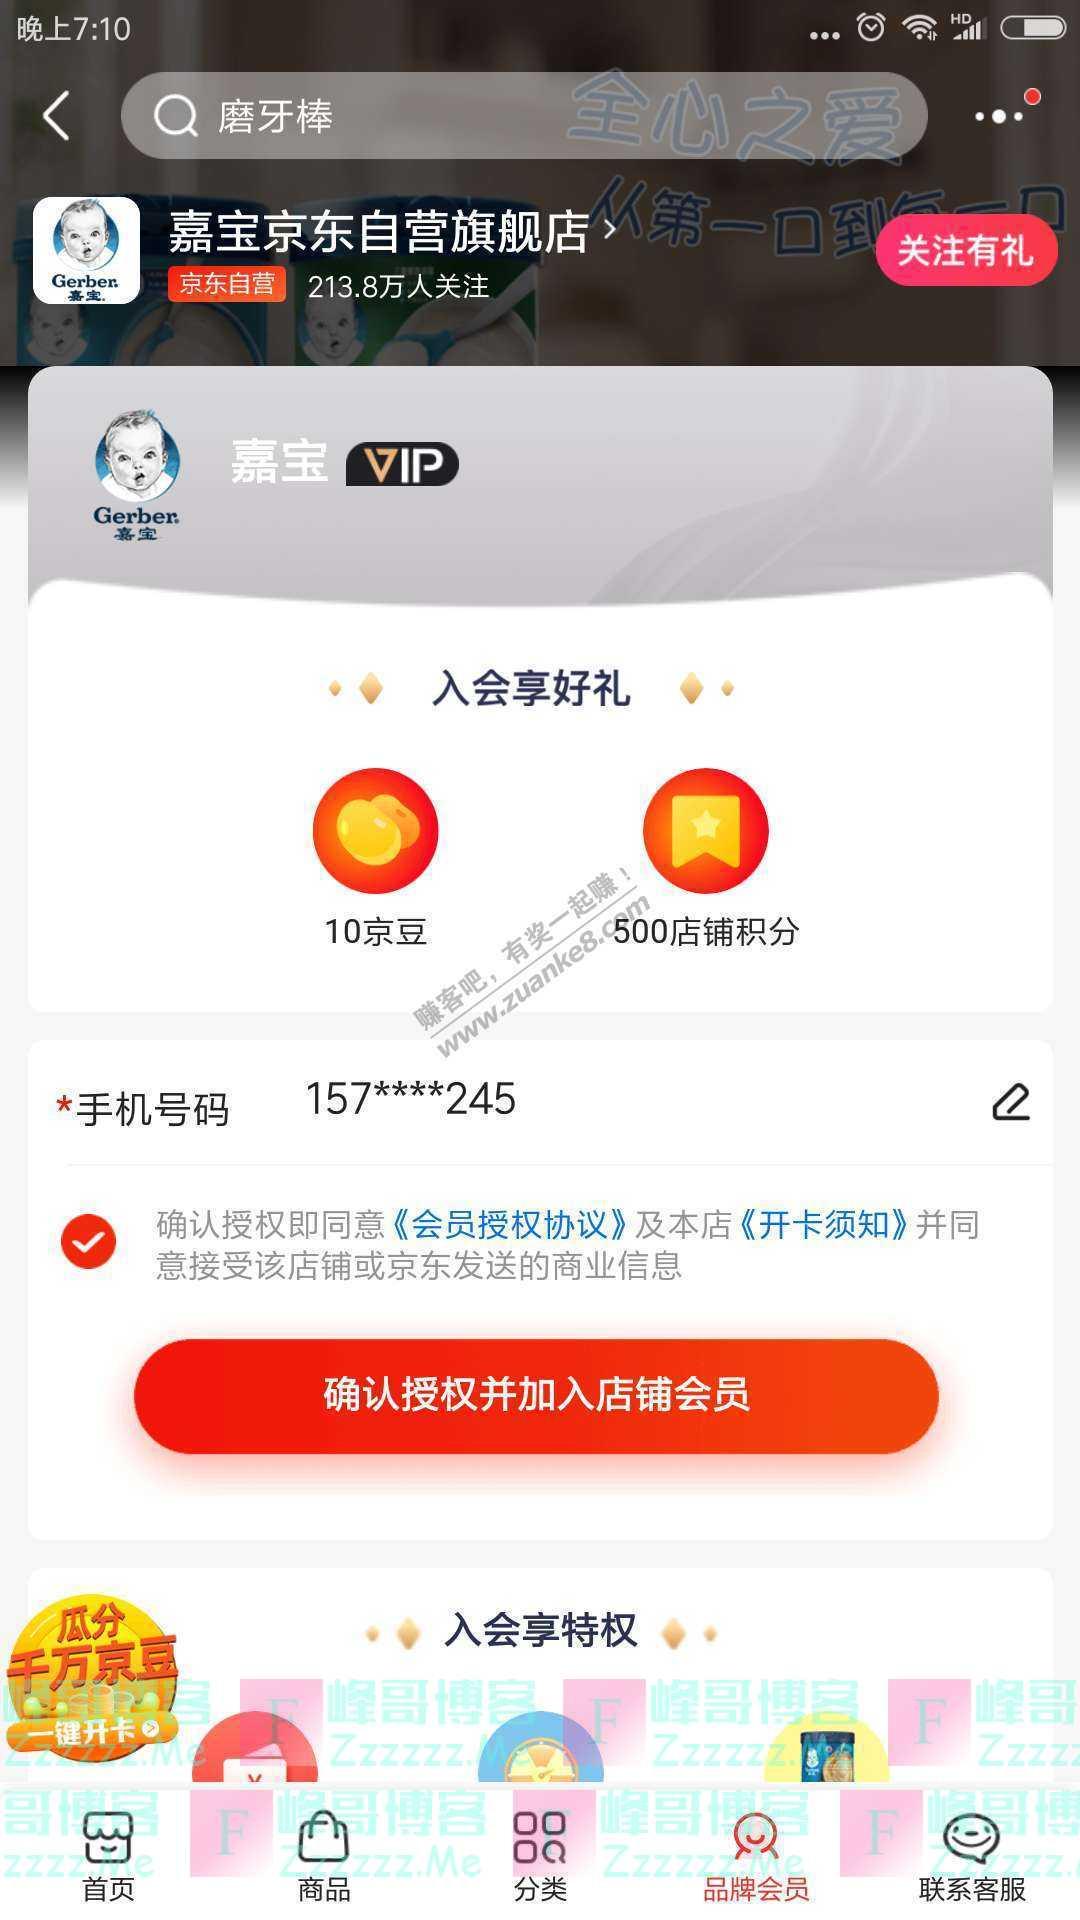 京东app嘉宝京东自营旗舰店 入会享好礼(截止不详)